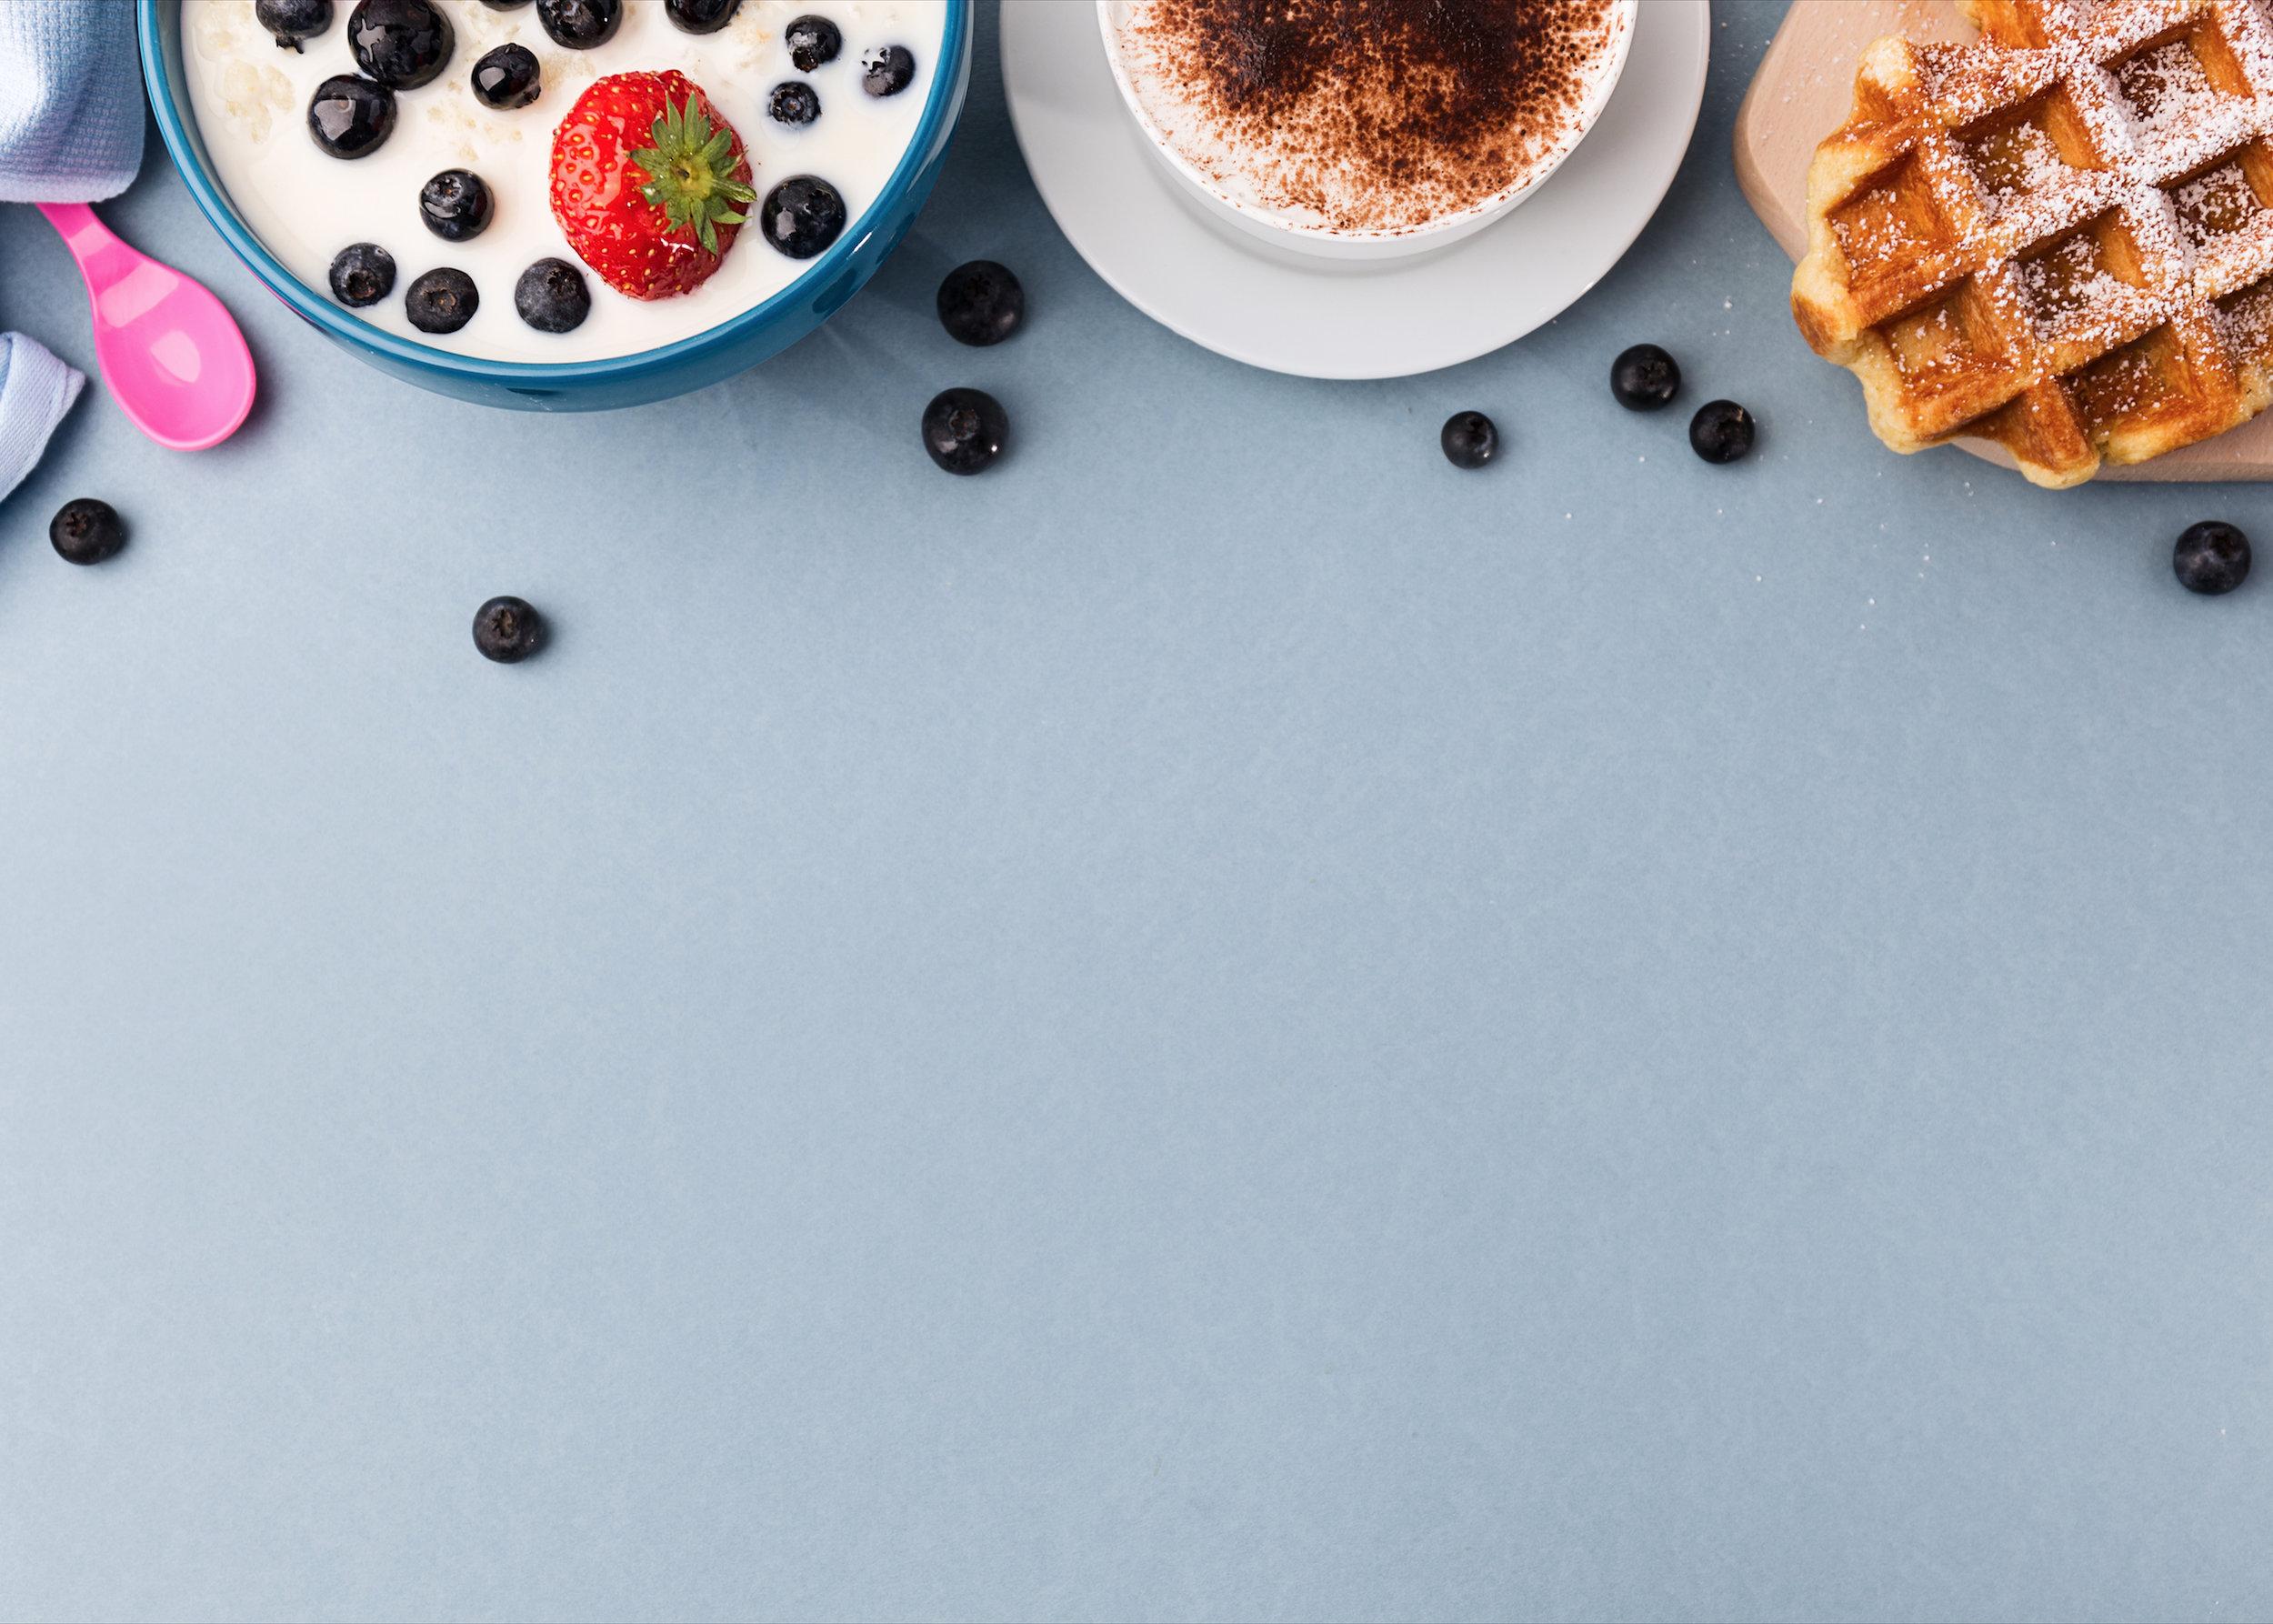 Завтрак - Места, где накормят голодных туристов